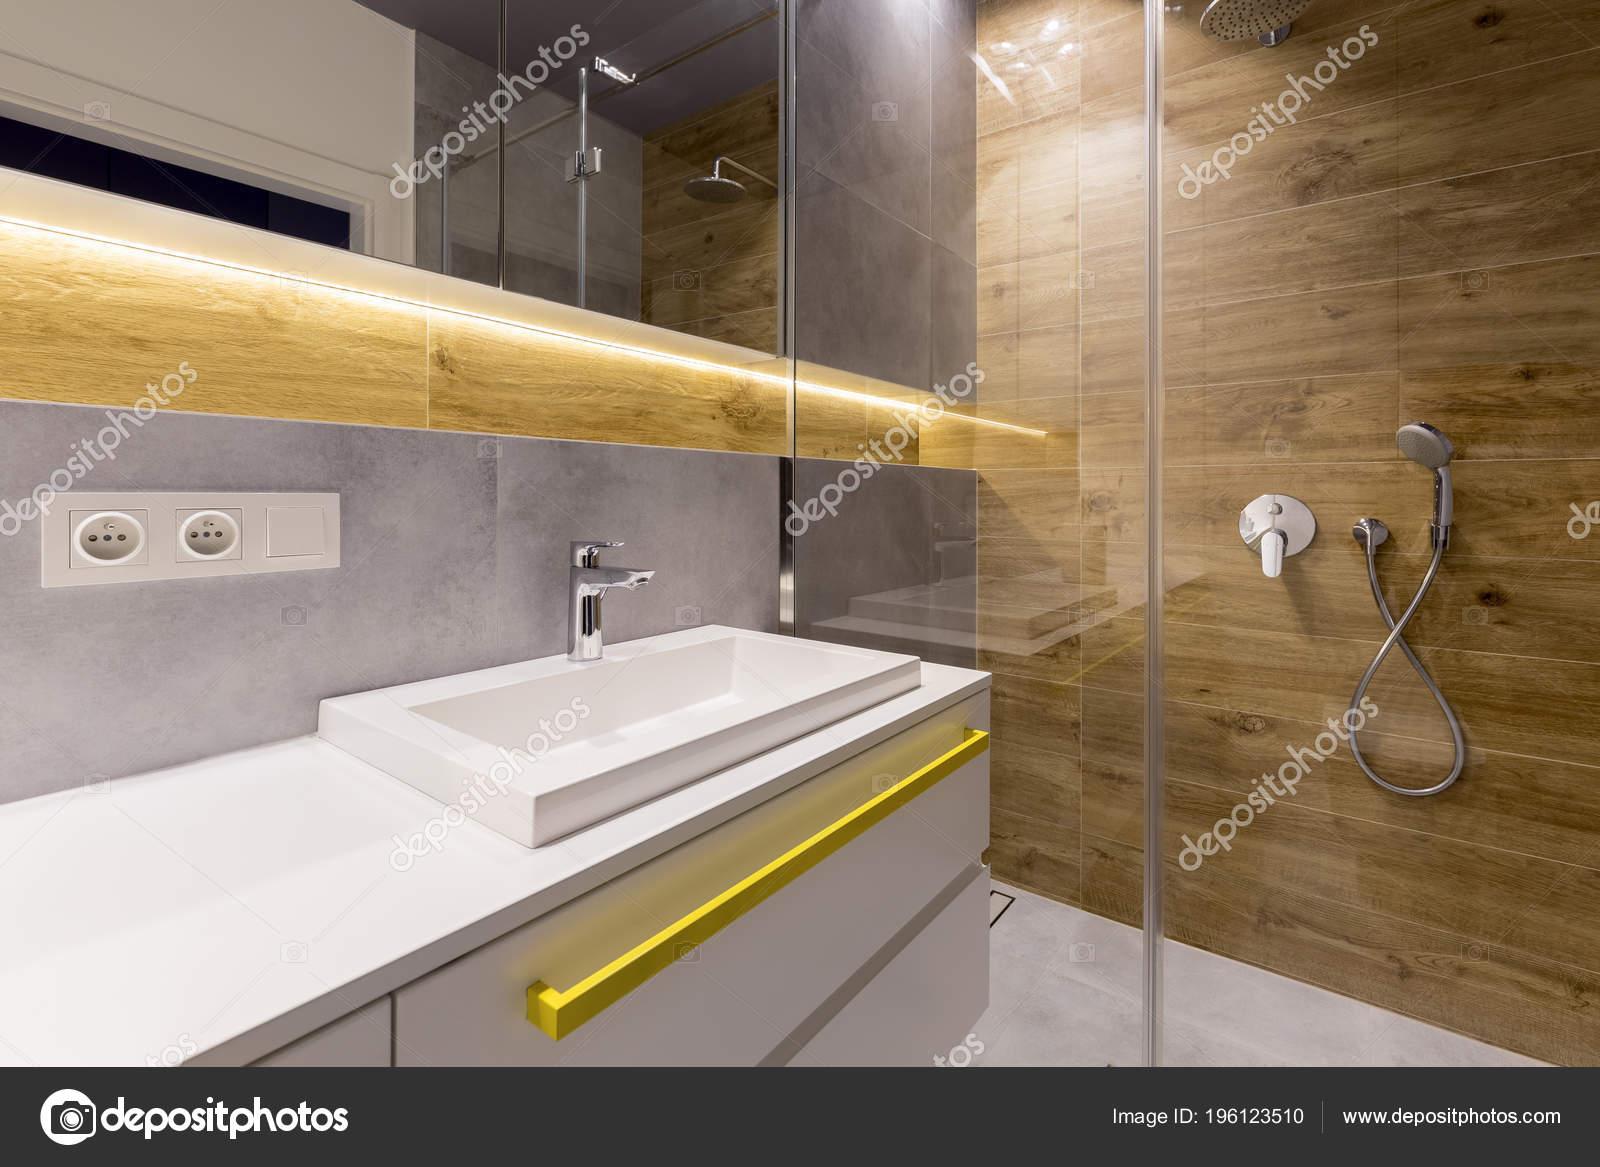 Interieur Aus Holz Und Marmor Badezimmer Mit Dusche Glastur